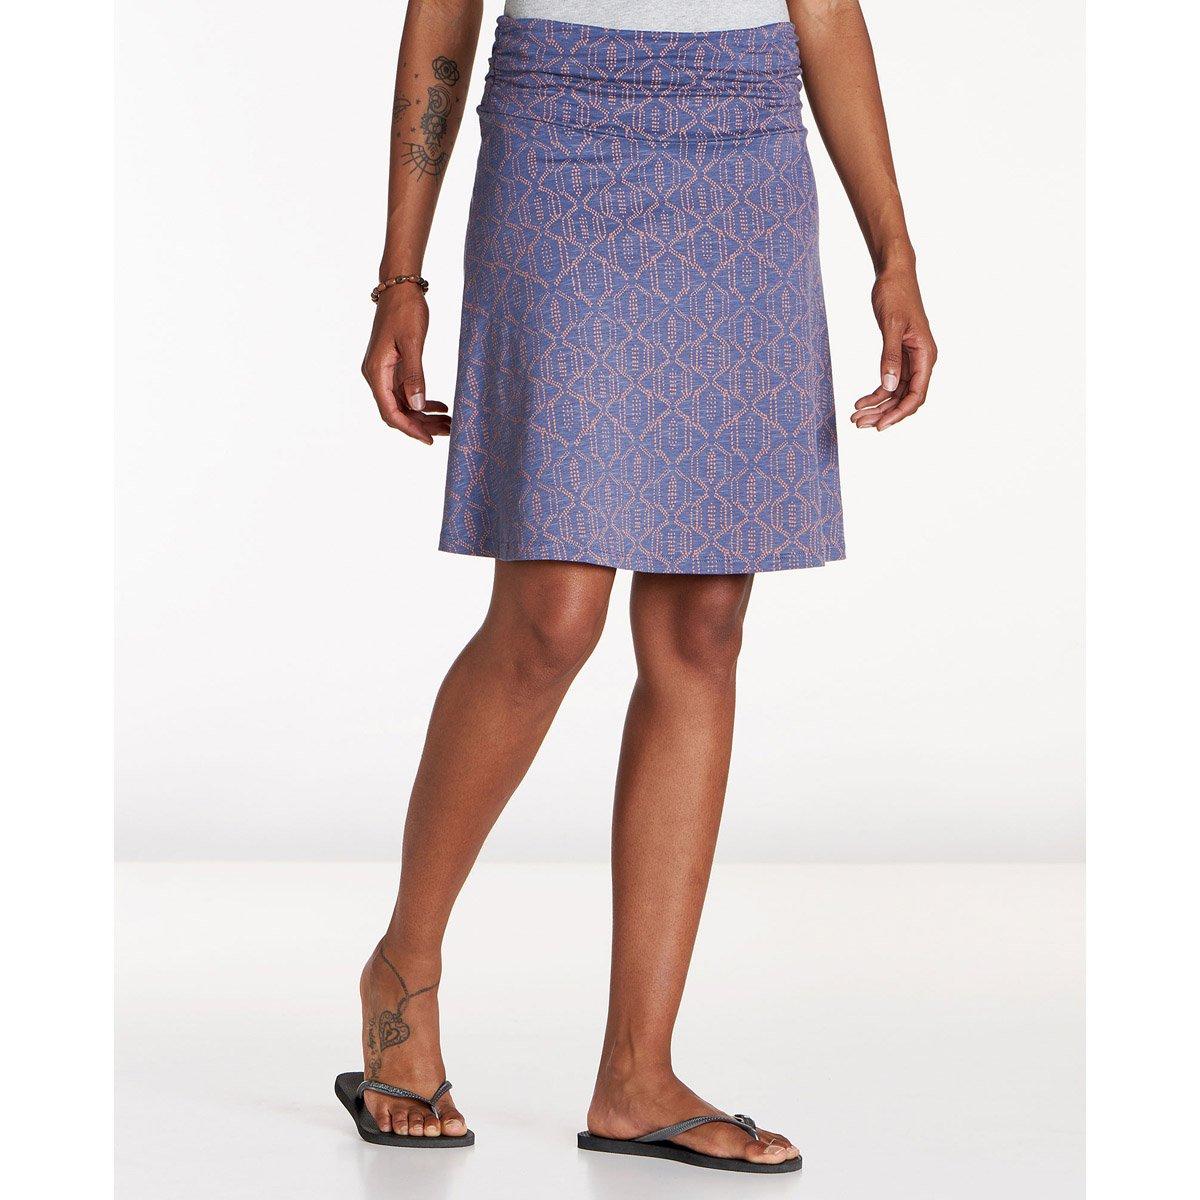 Toad&Co Chaka Skirt - Women's, Blueberry Batik Dot Print, M